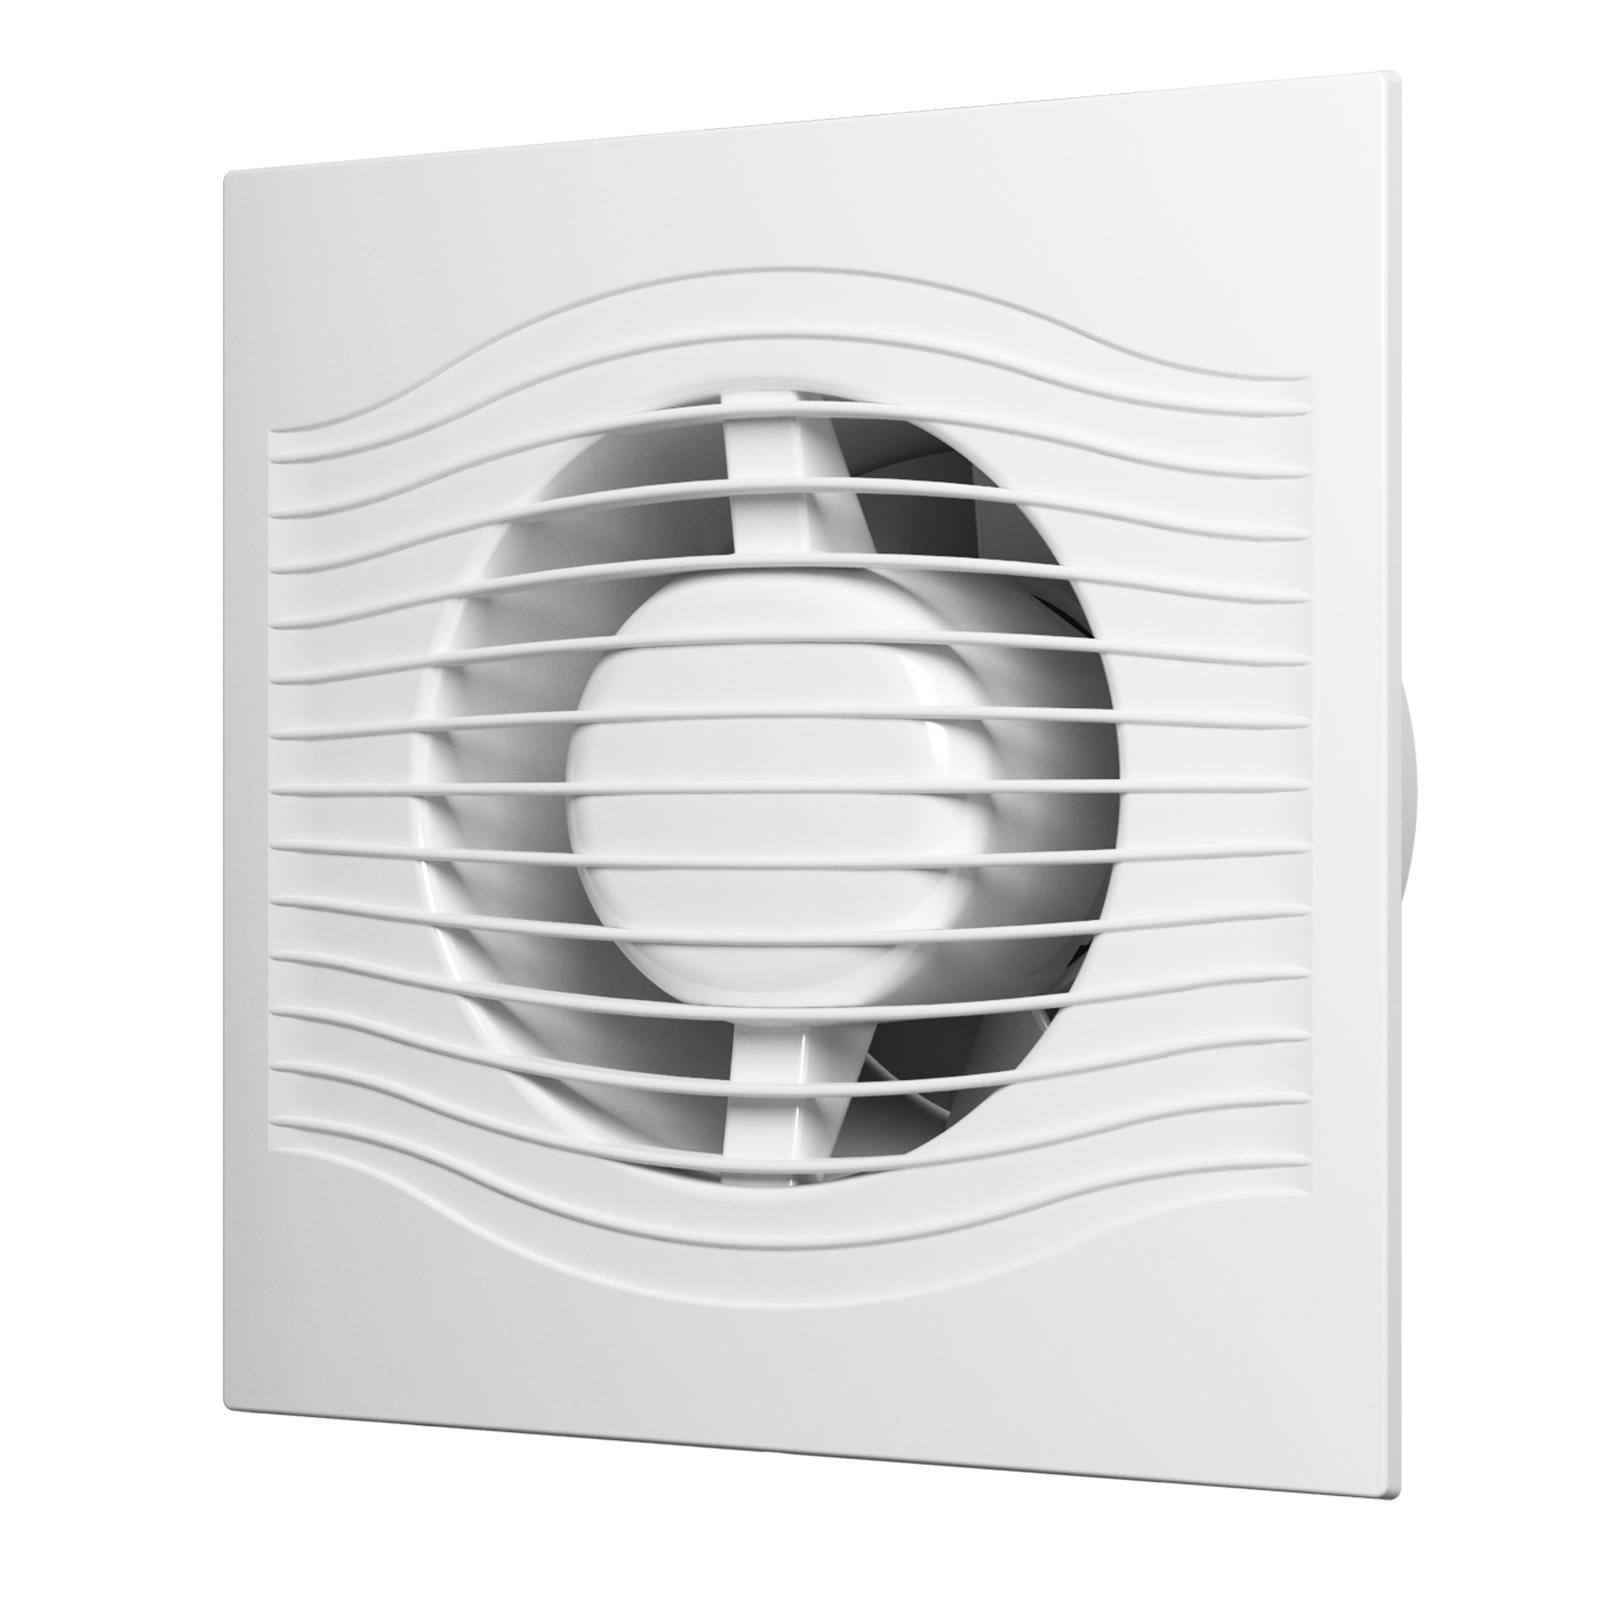 Вентилятор Diciti Slim 6c mr